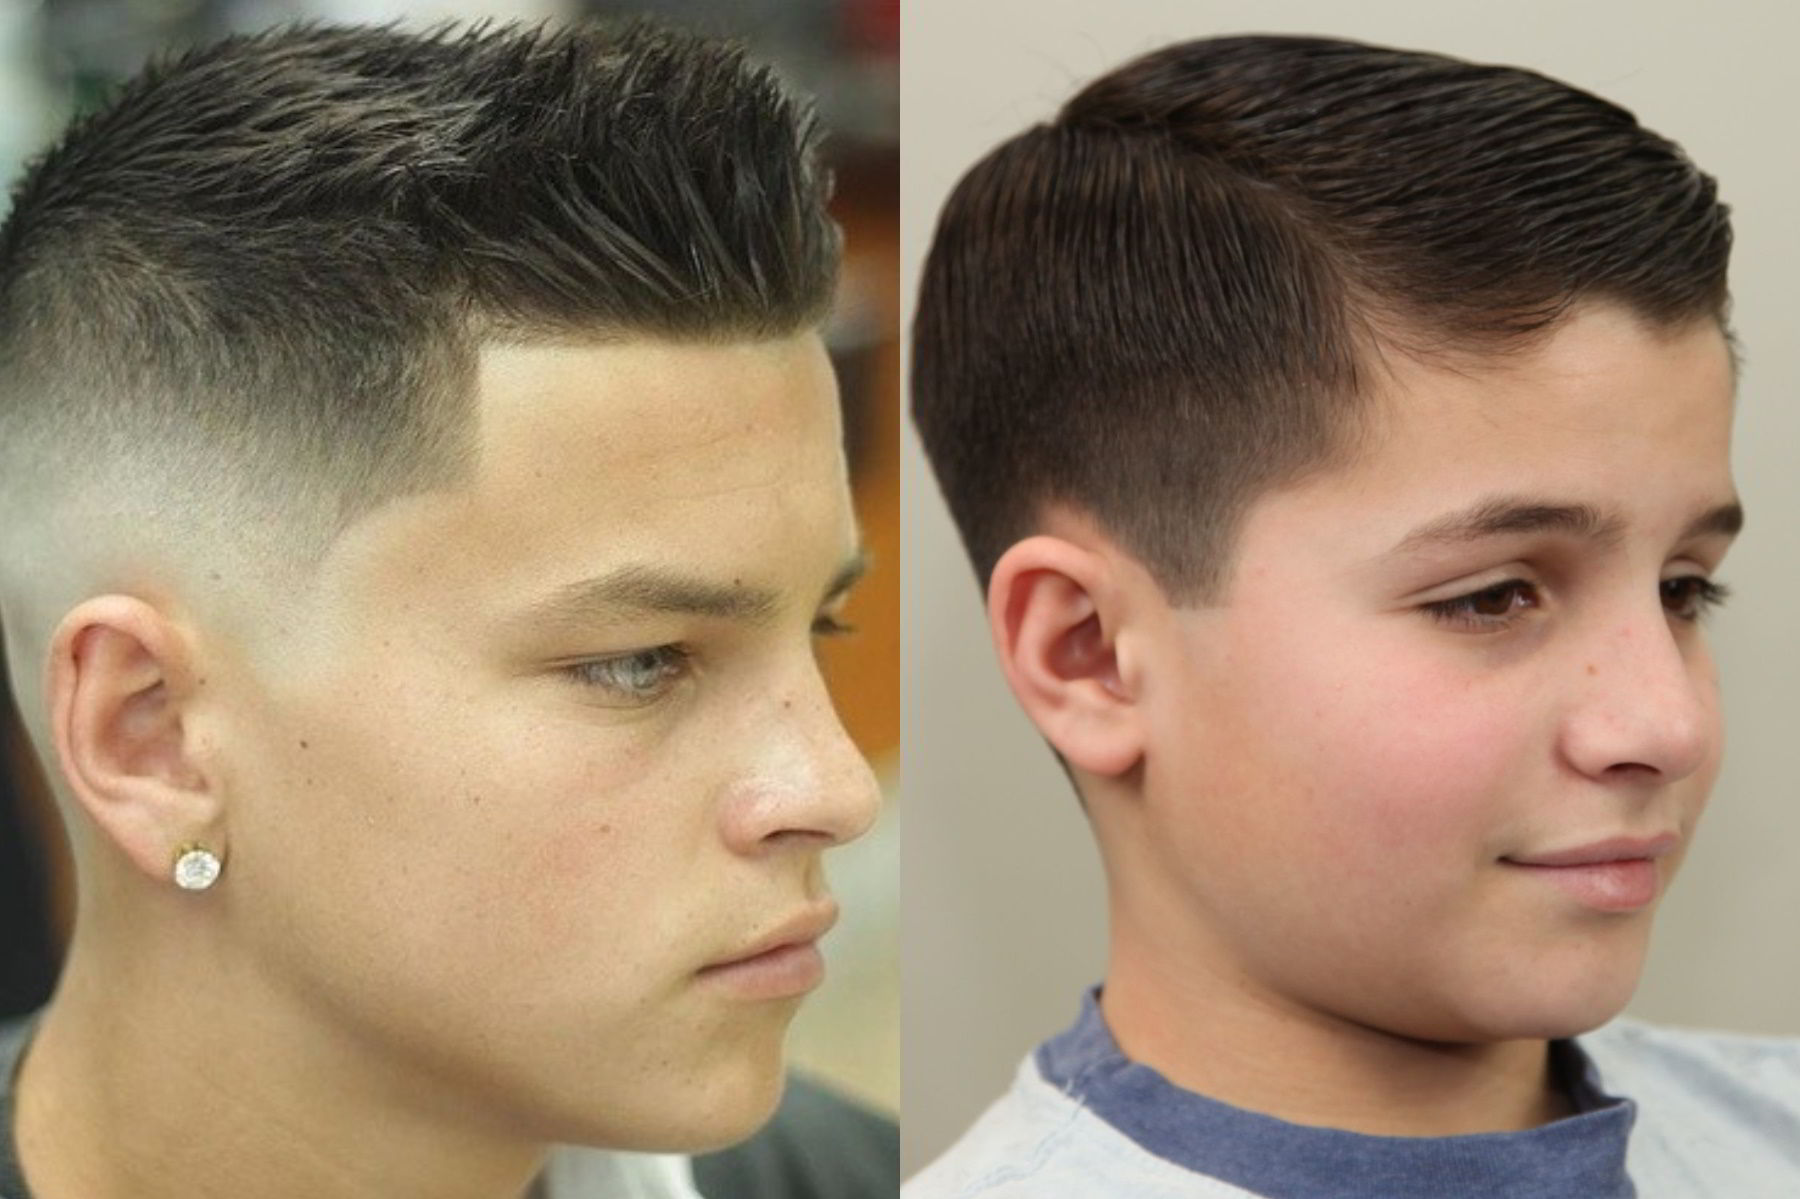 Модная прическа бокс и полубокс для мальчиков 12-13 лет 2019